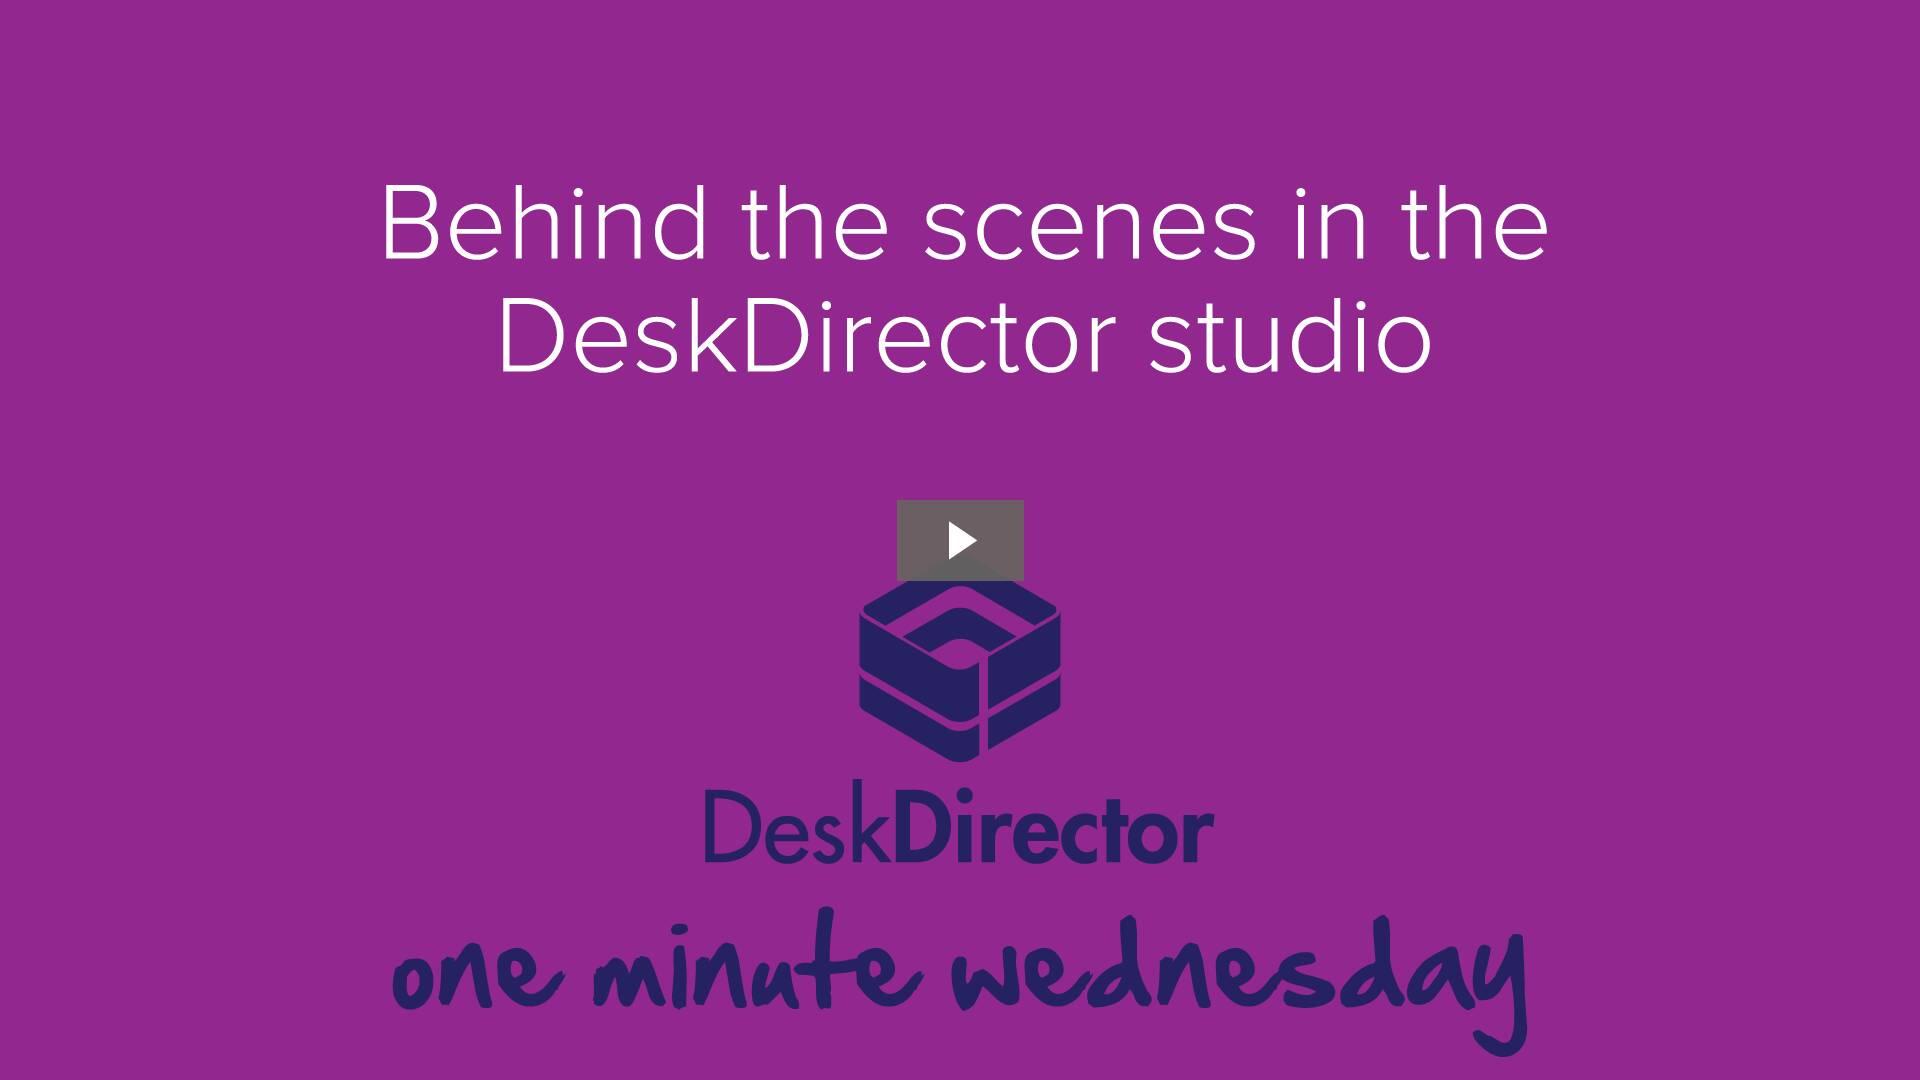 Behind the scenes in the DeskDirector studio